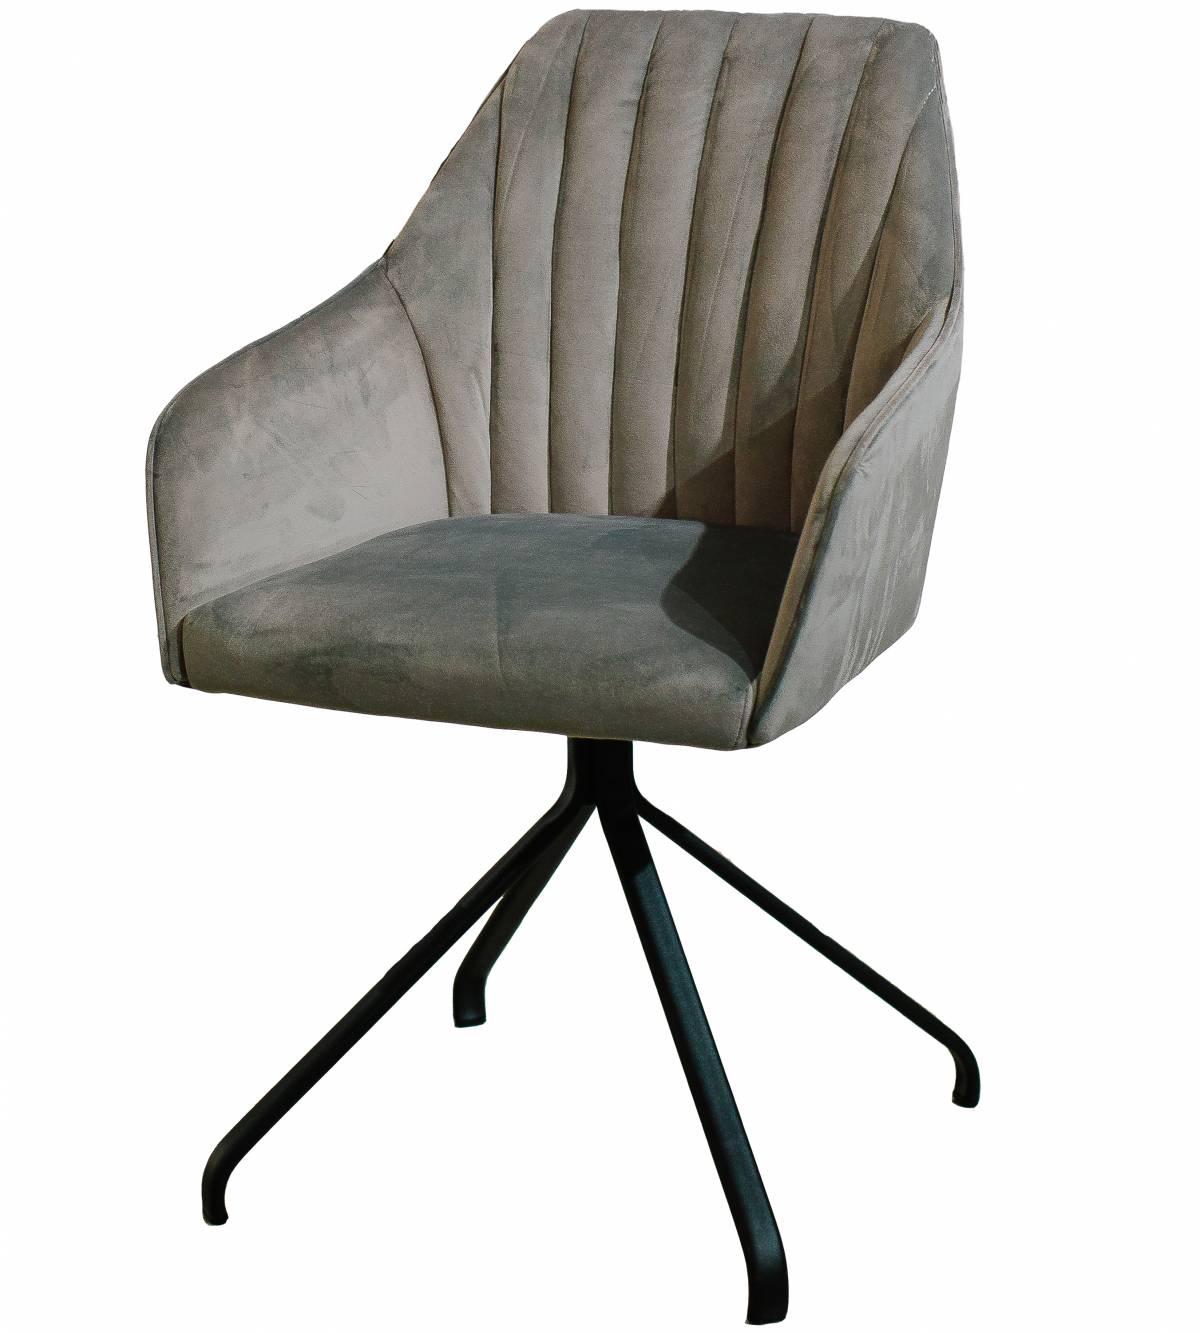 Купить стул с подлокотниками Lozanna в Raroom